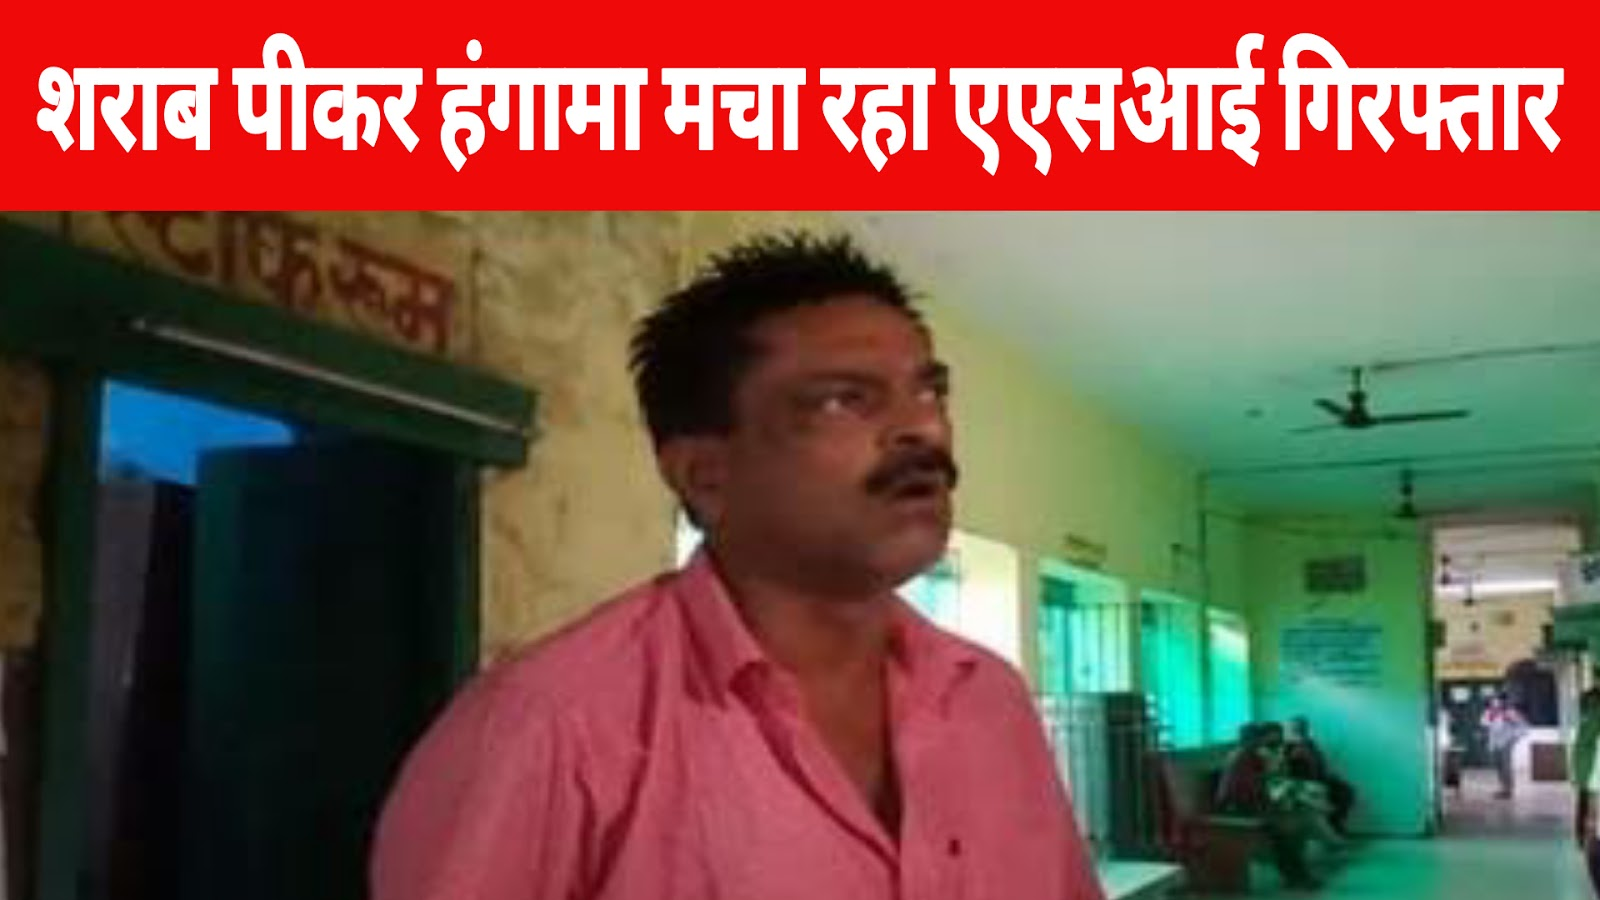 पत्नी के ऑपरेशन के लिए छुट्टी नहीं मिली तो शराब पीकर ASI ने हंगामा मचाया, खुदकुशी की धमकी दी